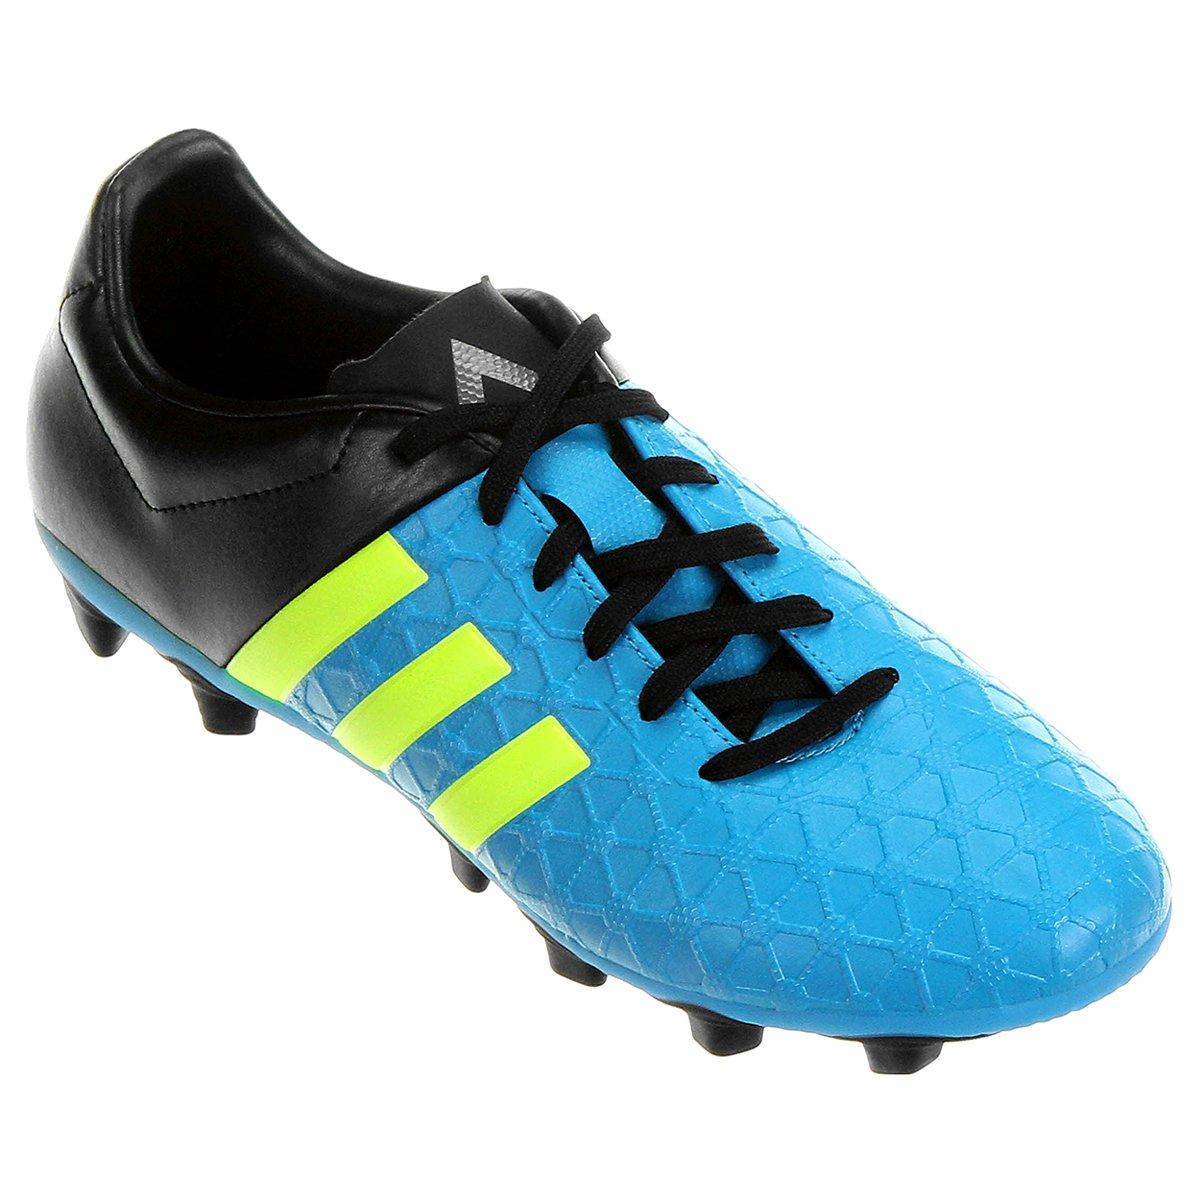 3dd5c43f6f0e2 Chuteira Adidas Ace 15 4 FXG Campo - Compre Agora